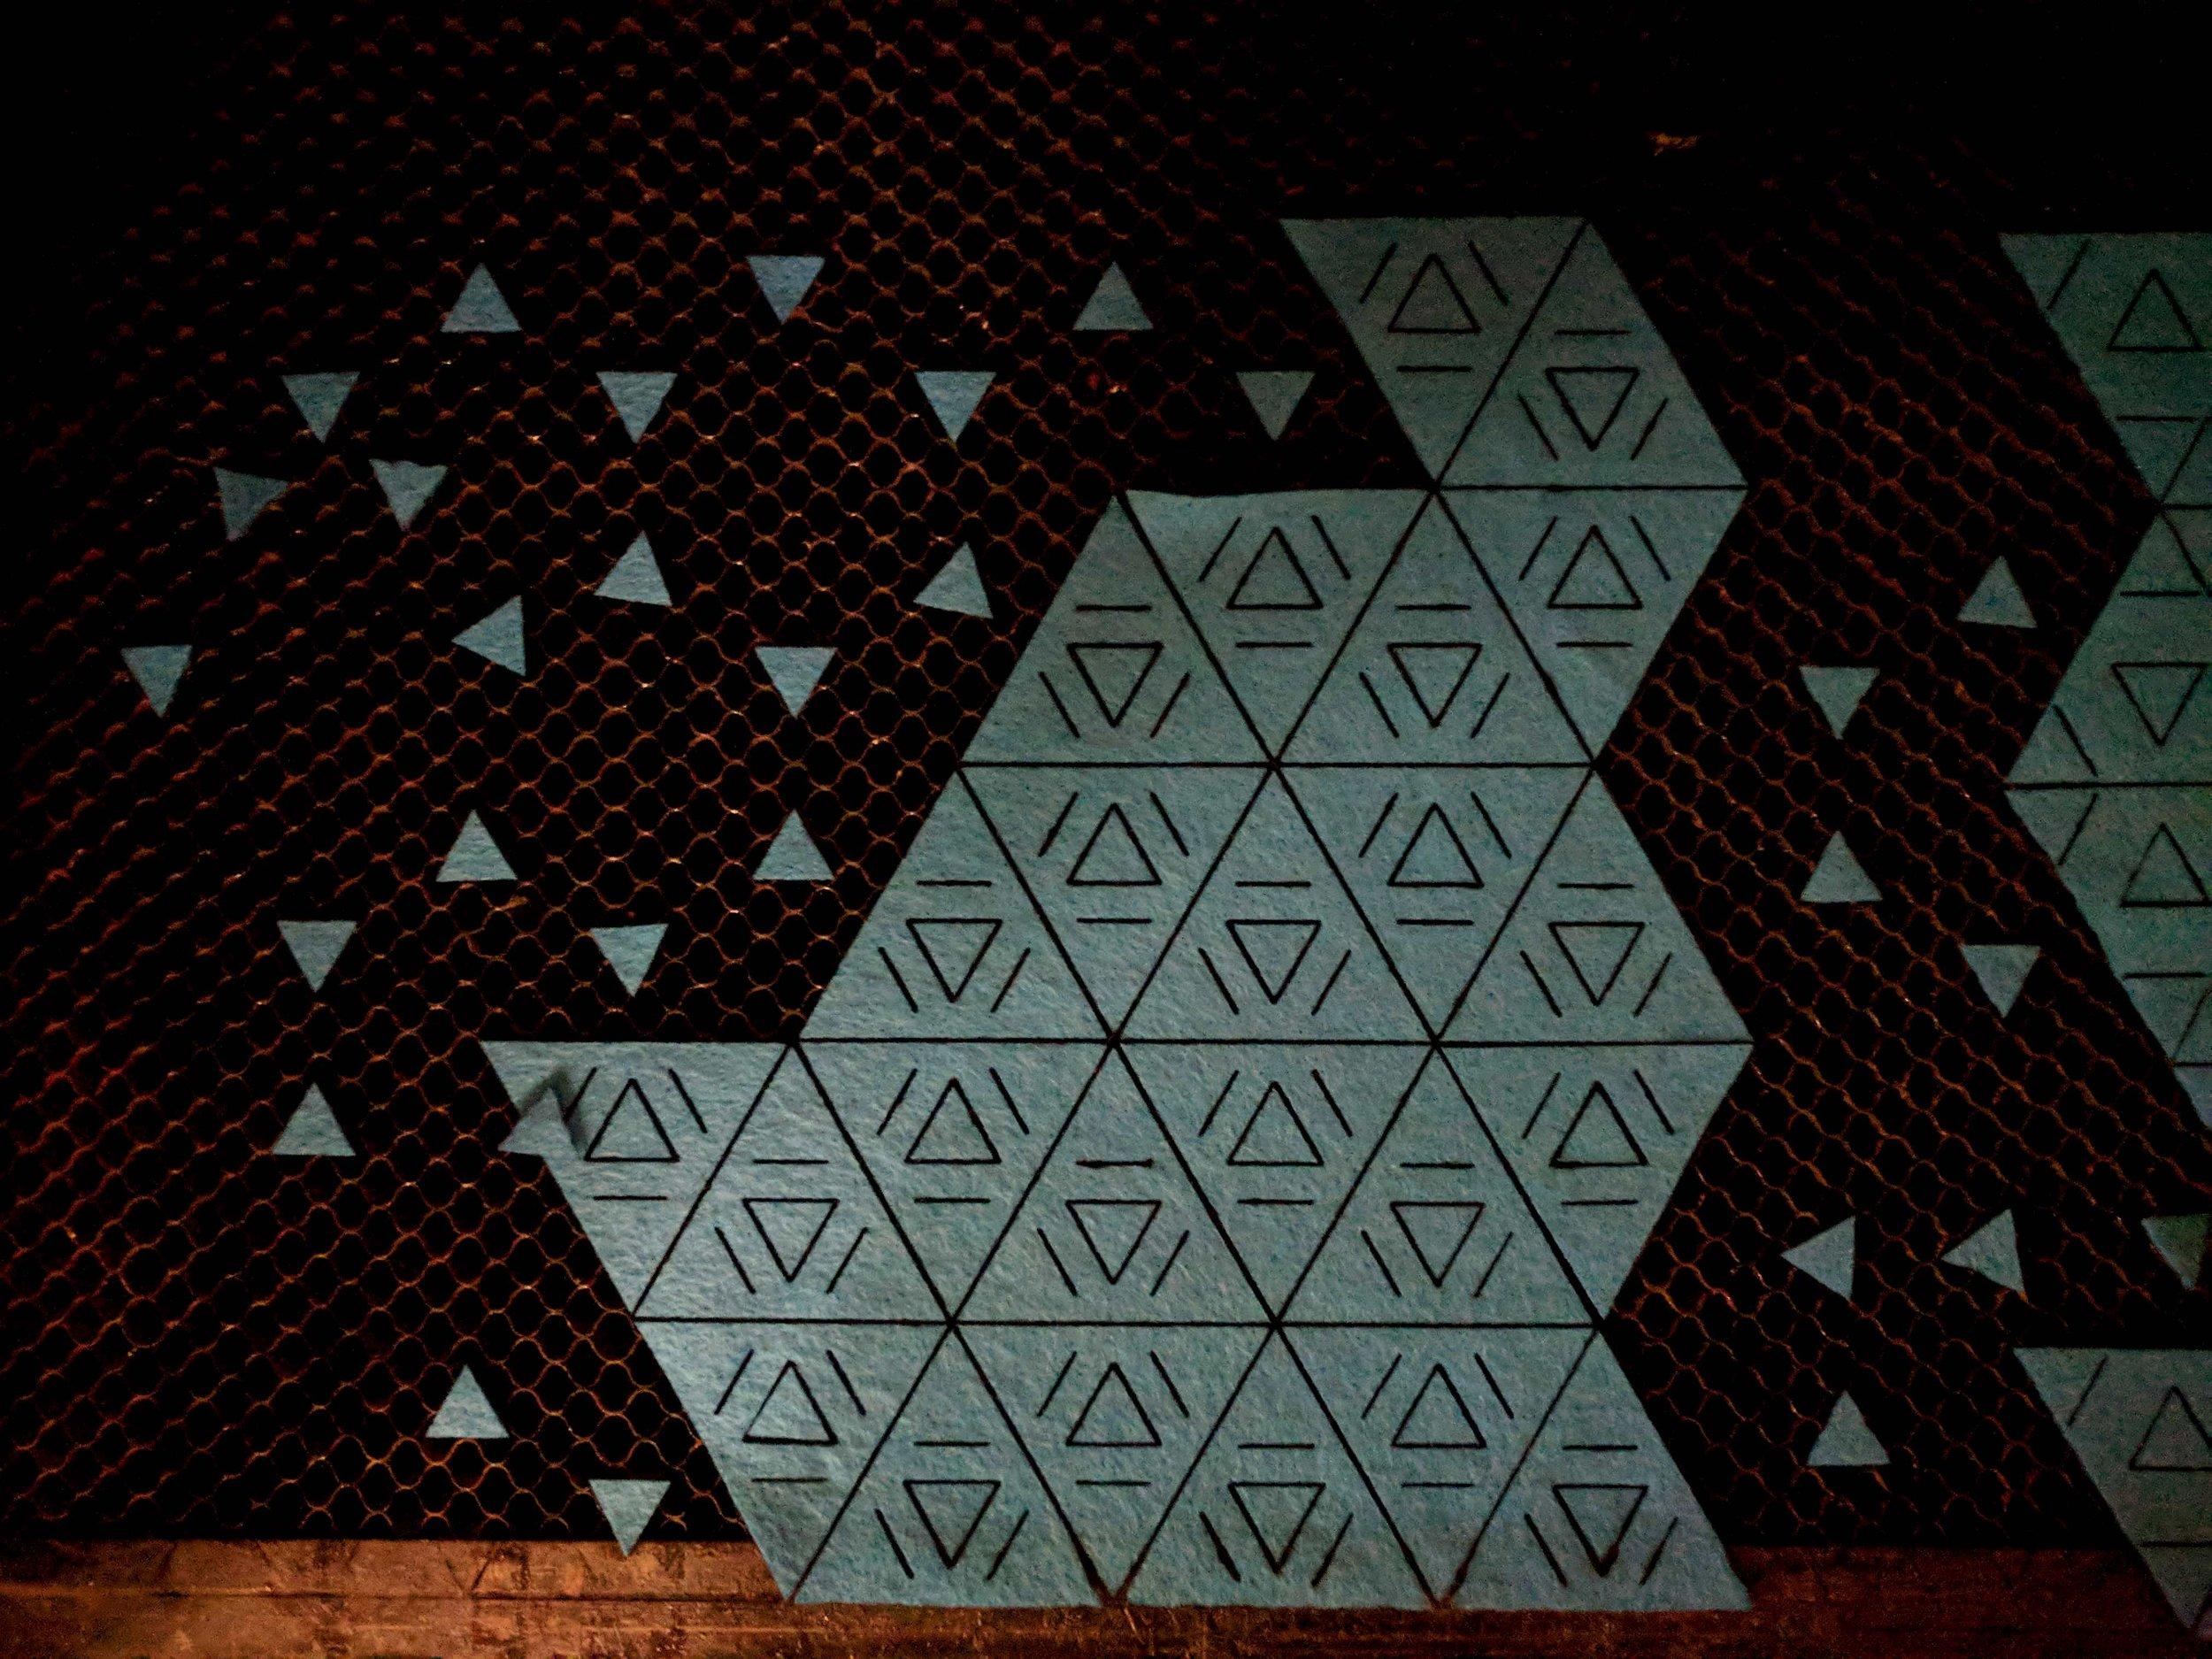 W3_Triangle pattern.jpg